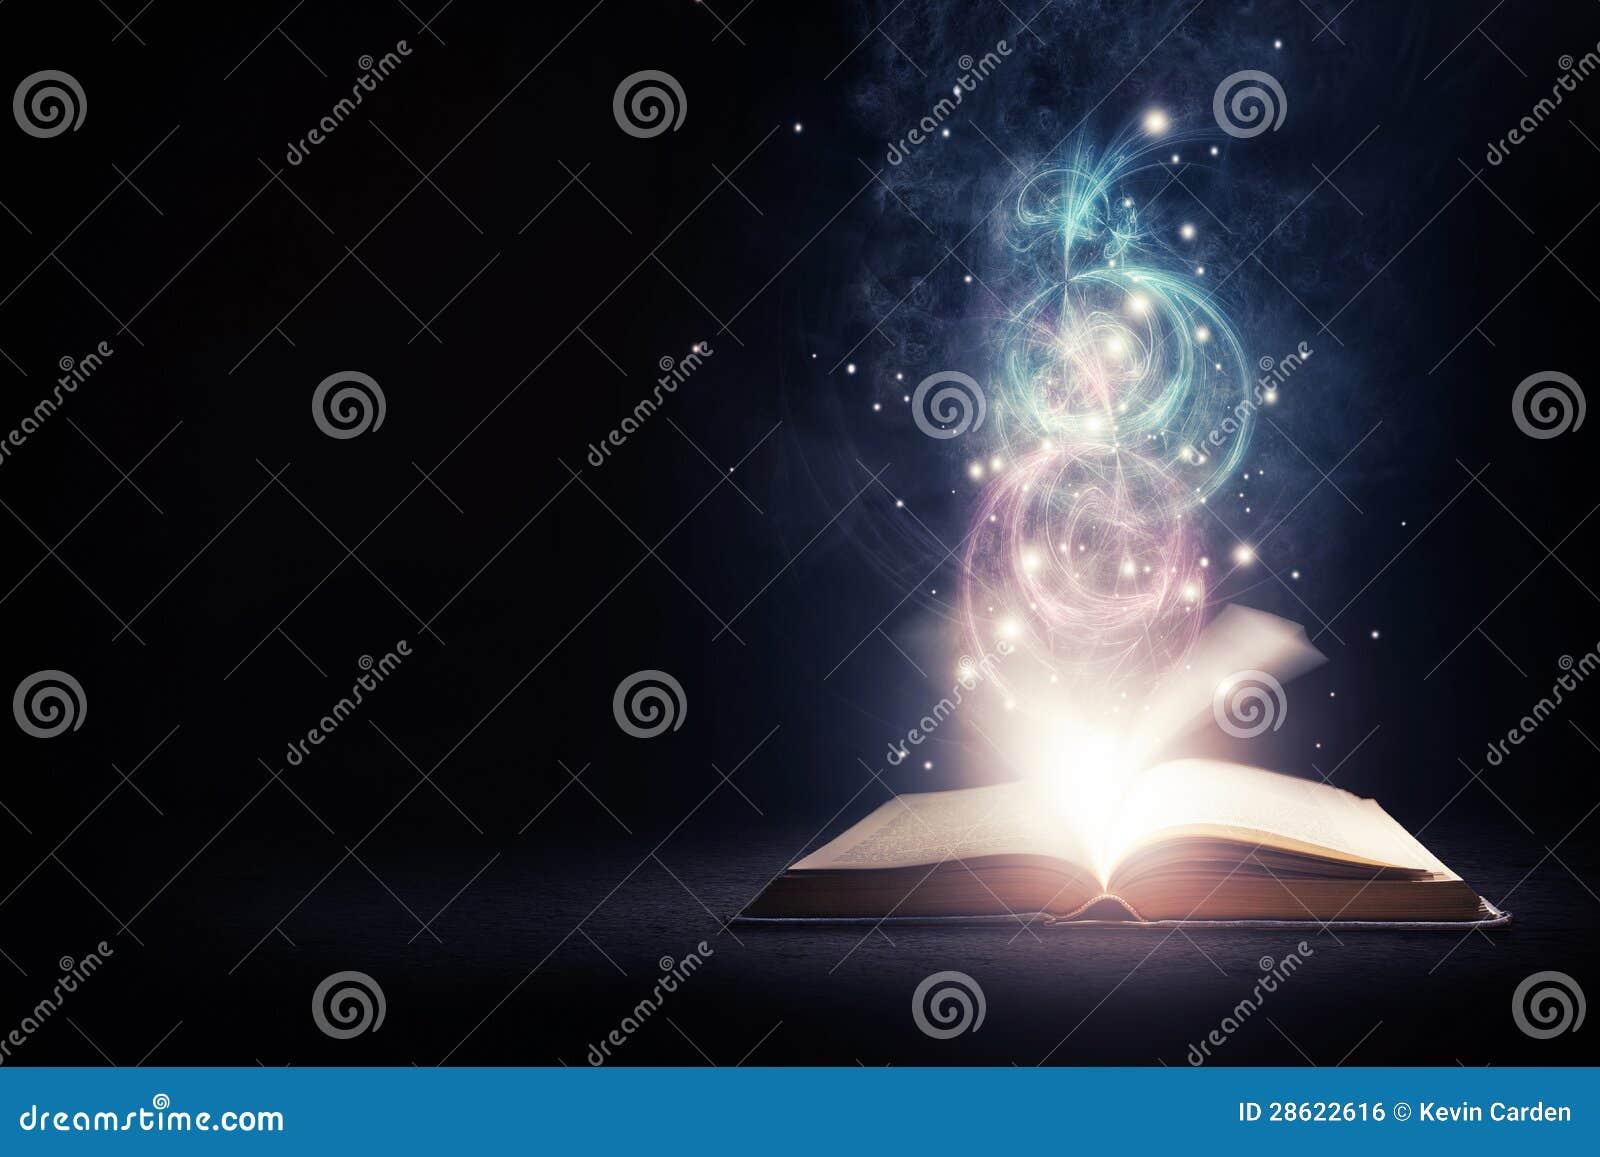 Libro que brilla intensamente con colores